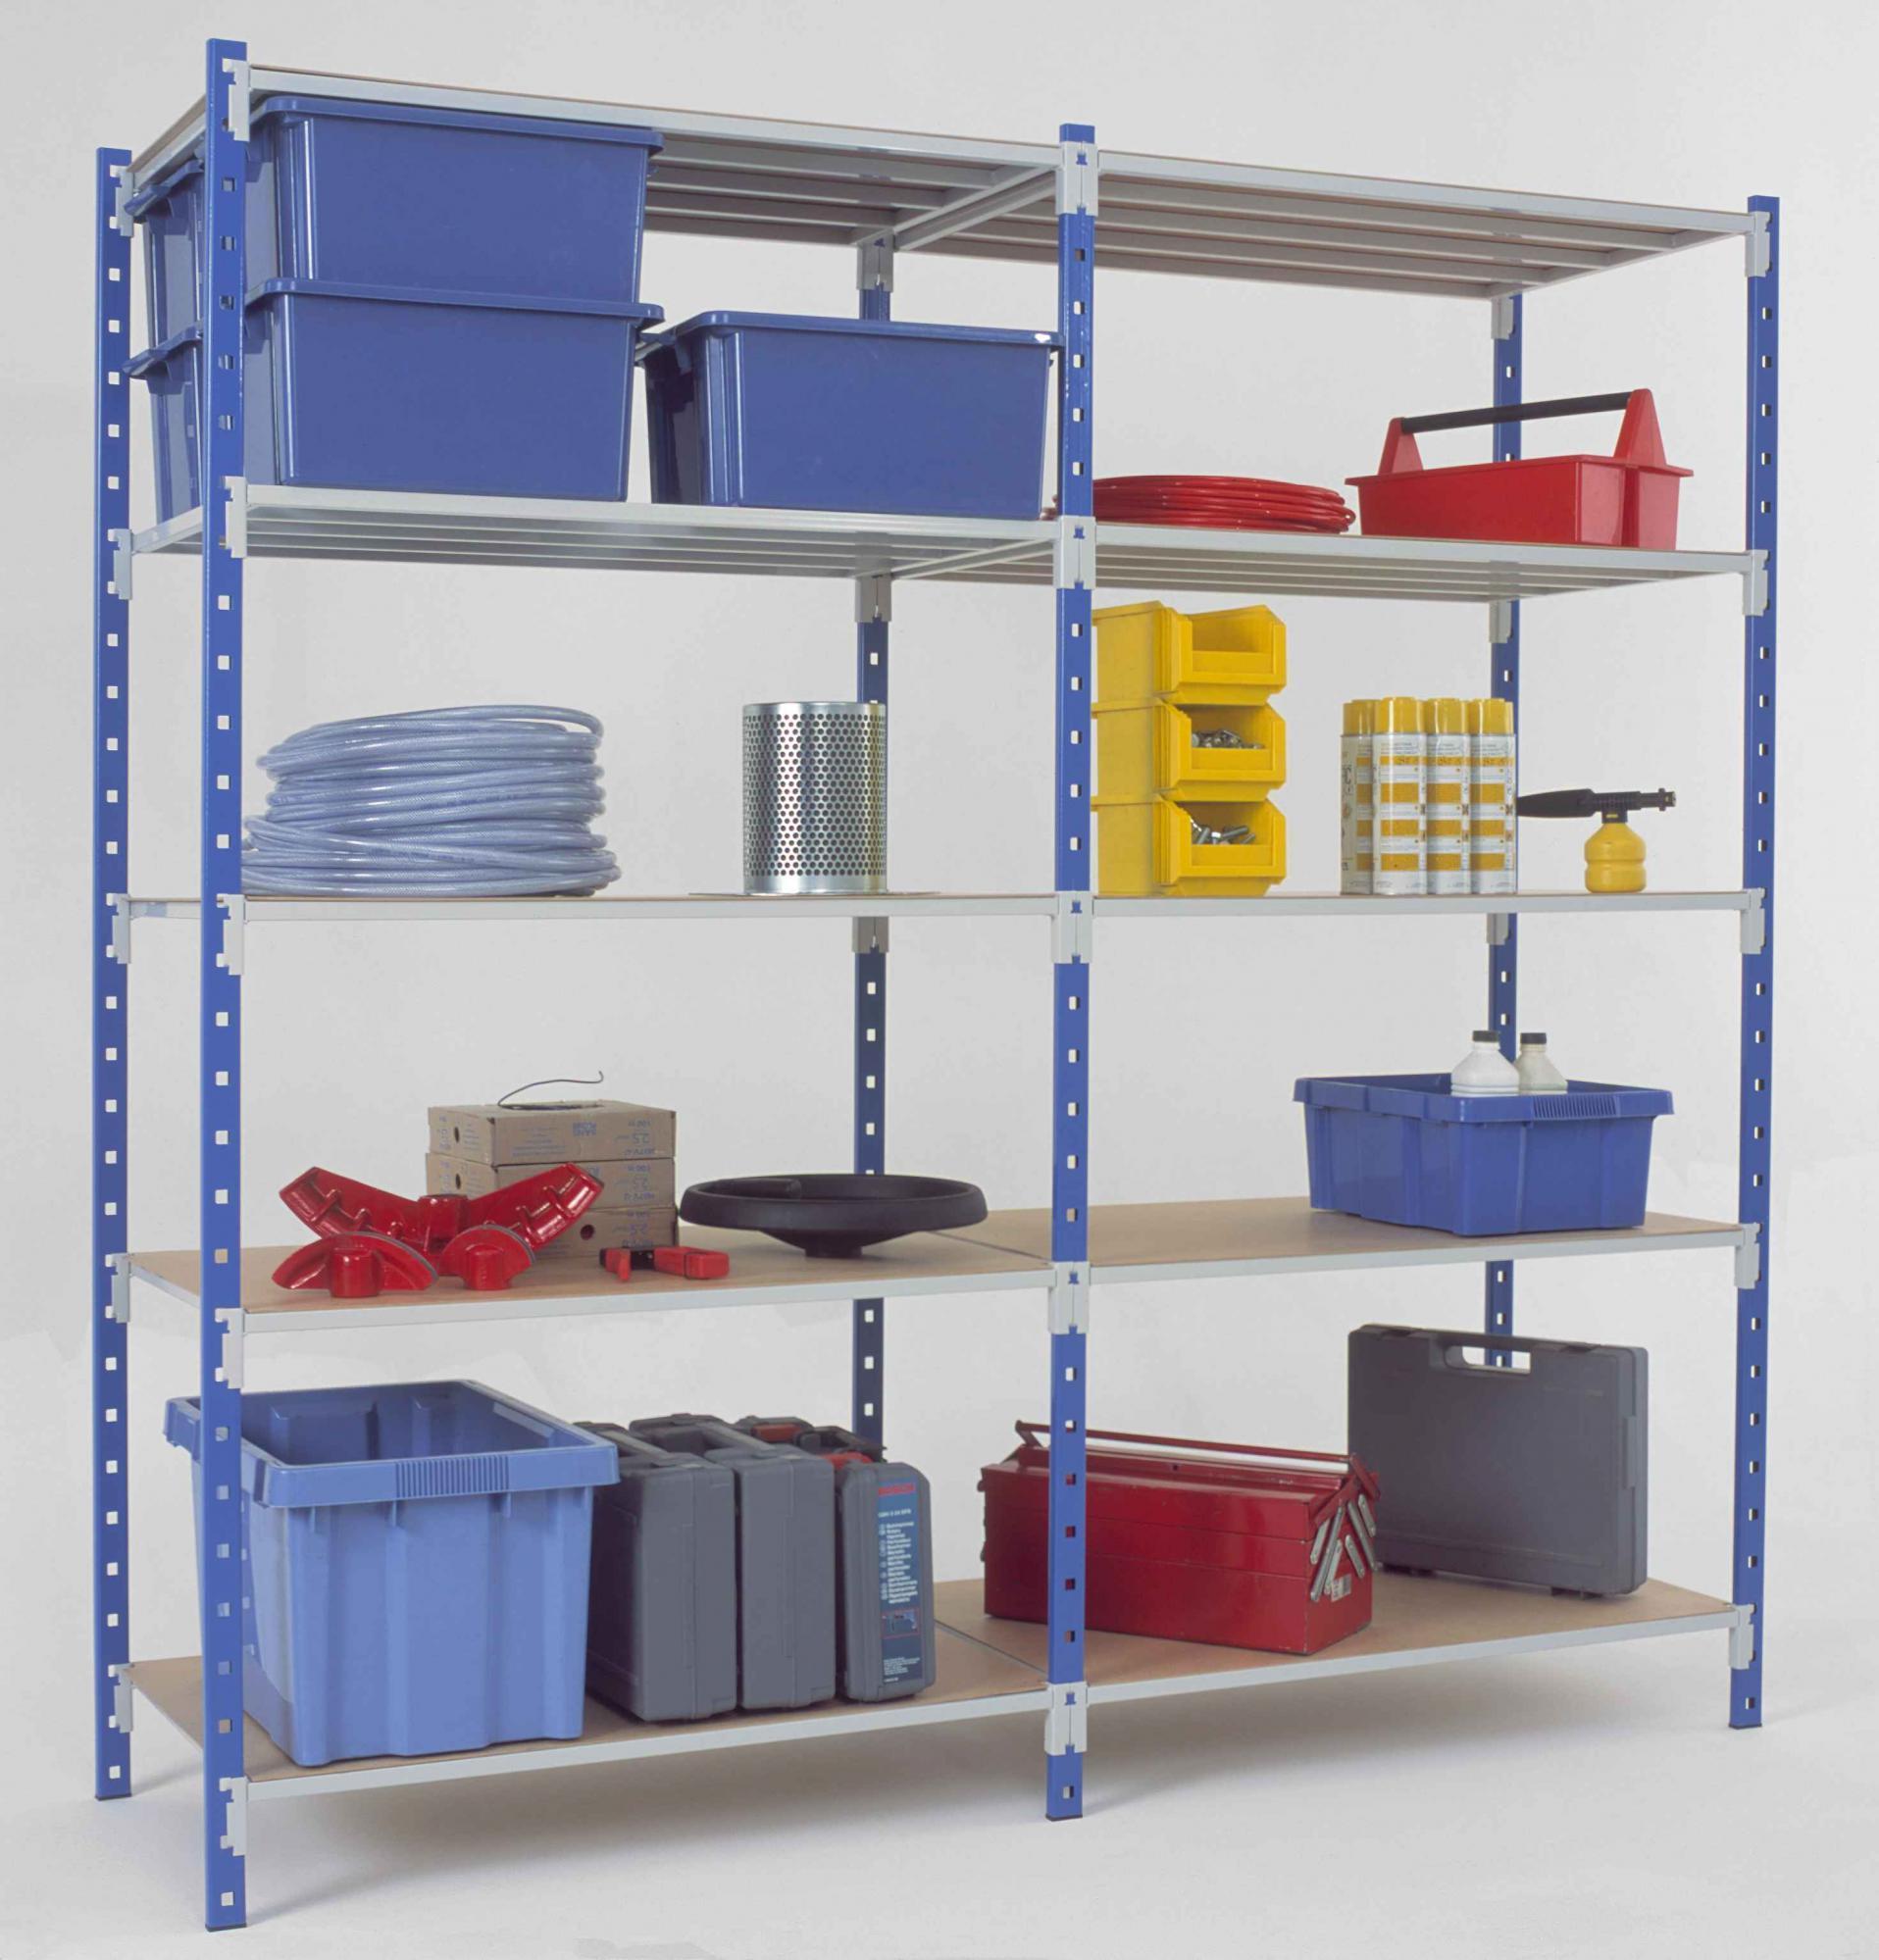 Stocker beaucoup de produits dans un petit entrepôt - 92